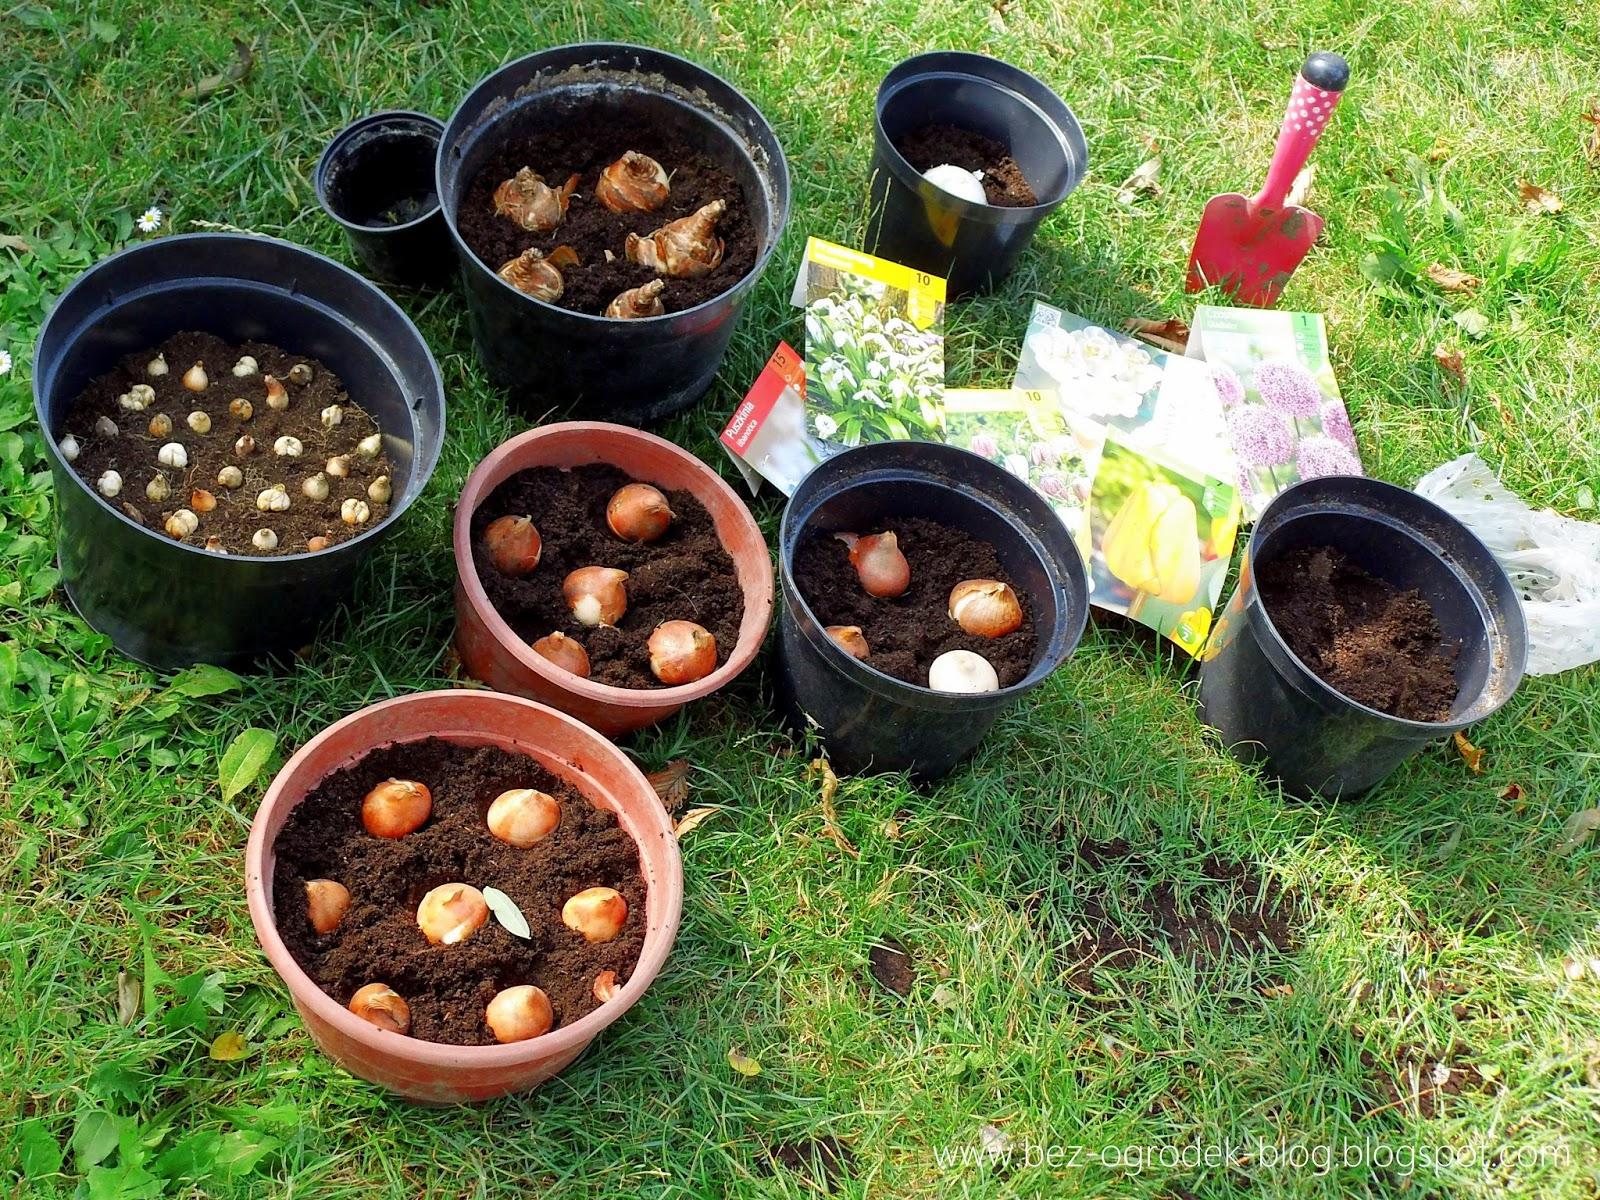 Poradnik Ogrodniczy Wrzesień W Ogrodzie Bez Ogródek Blog Ogrodniczy